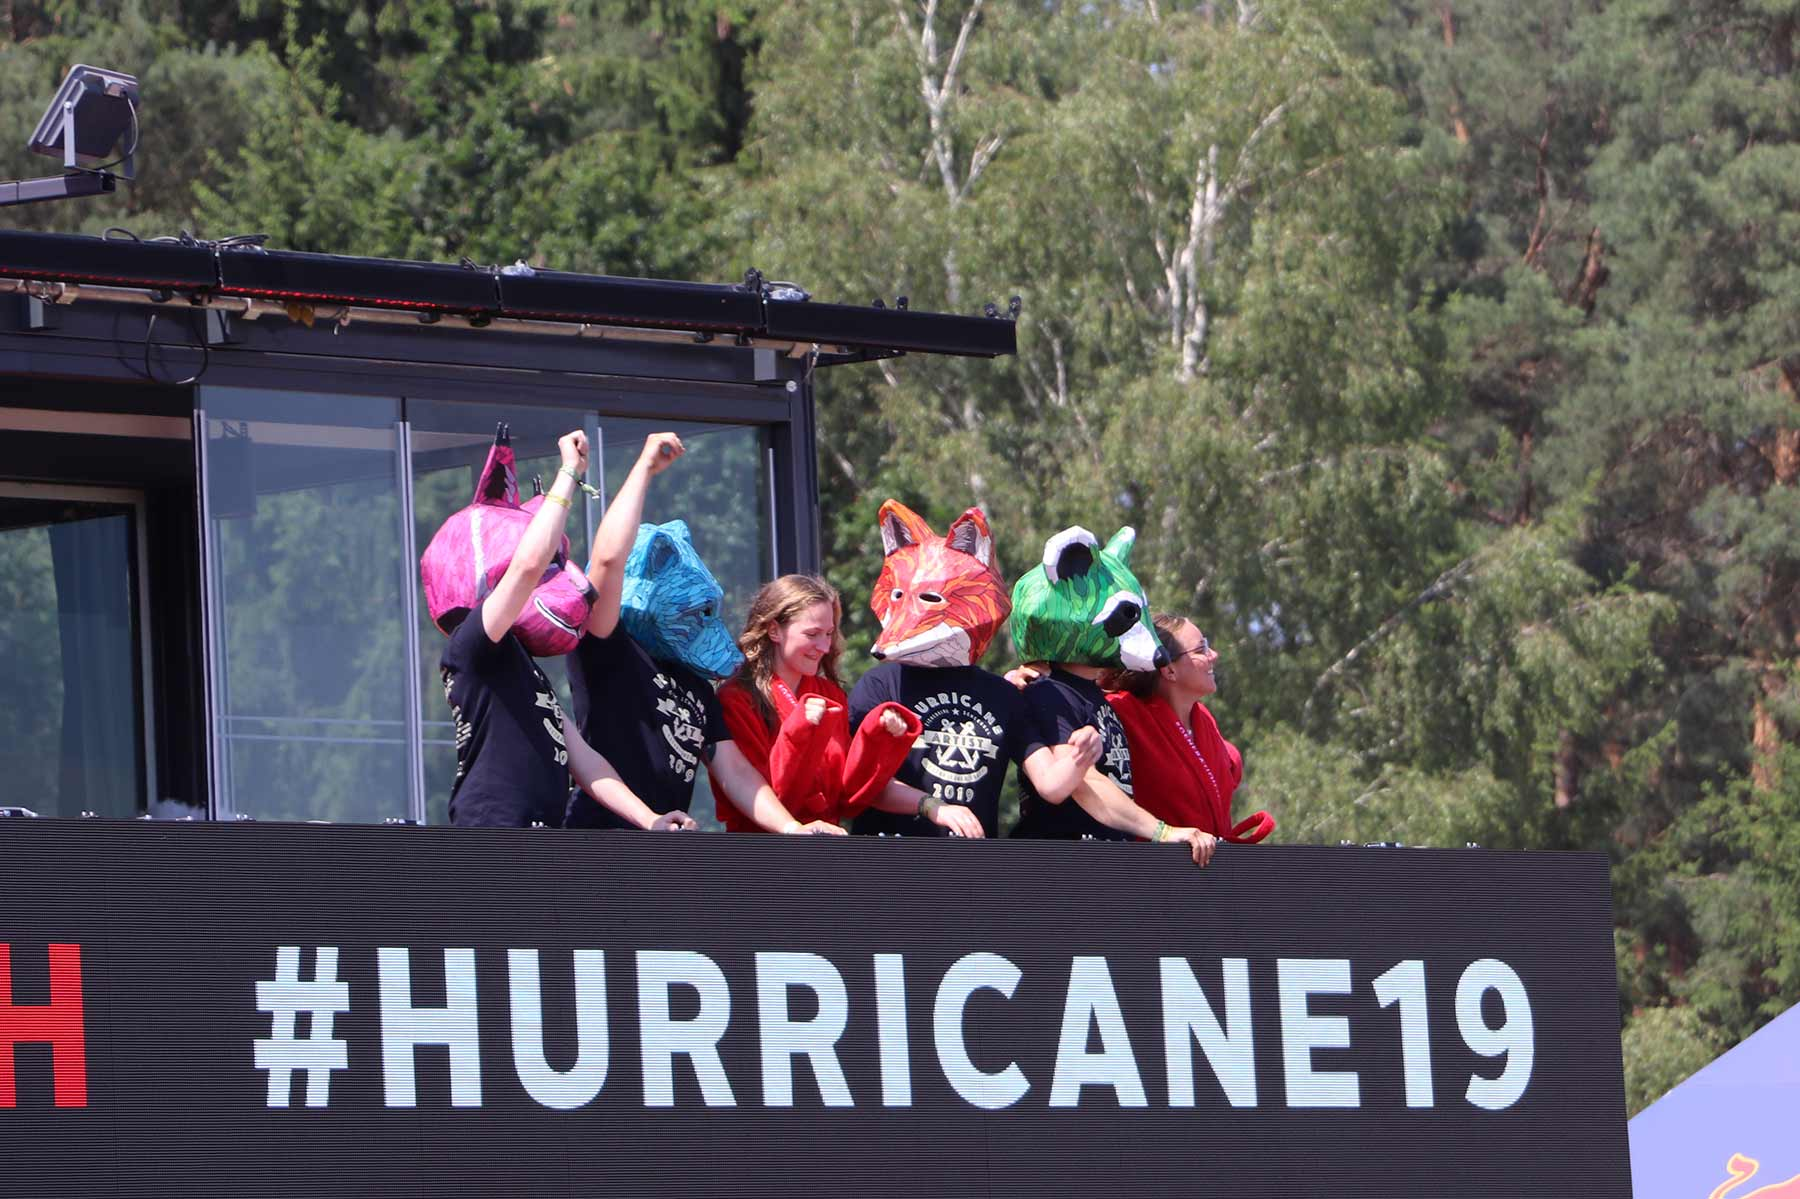 Ich habe Fotos vom Hurricane Festival 2019 gemacht Hurricane-Festival-2019-Fotos_31